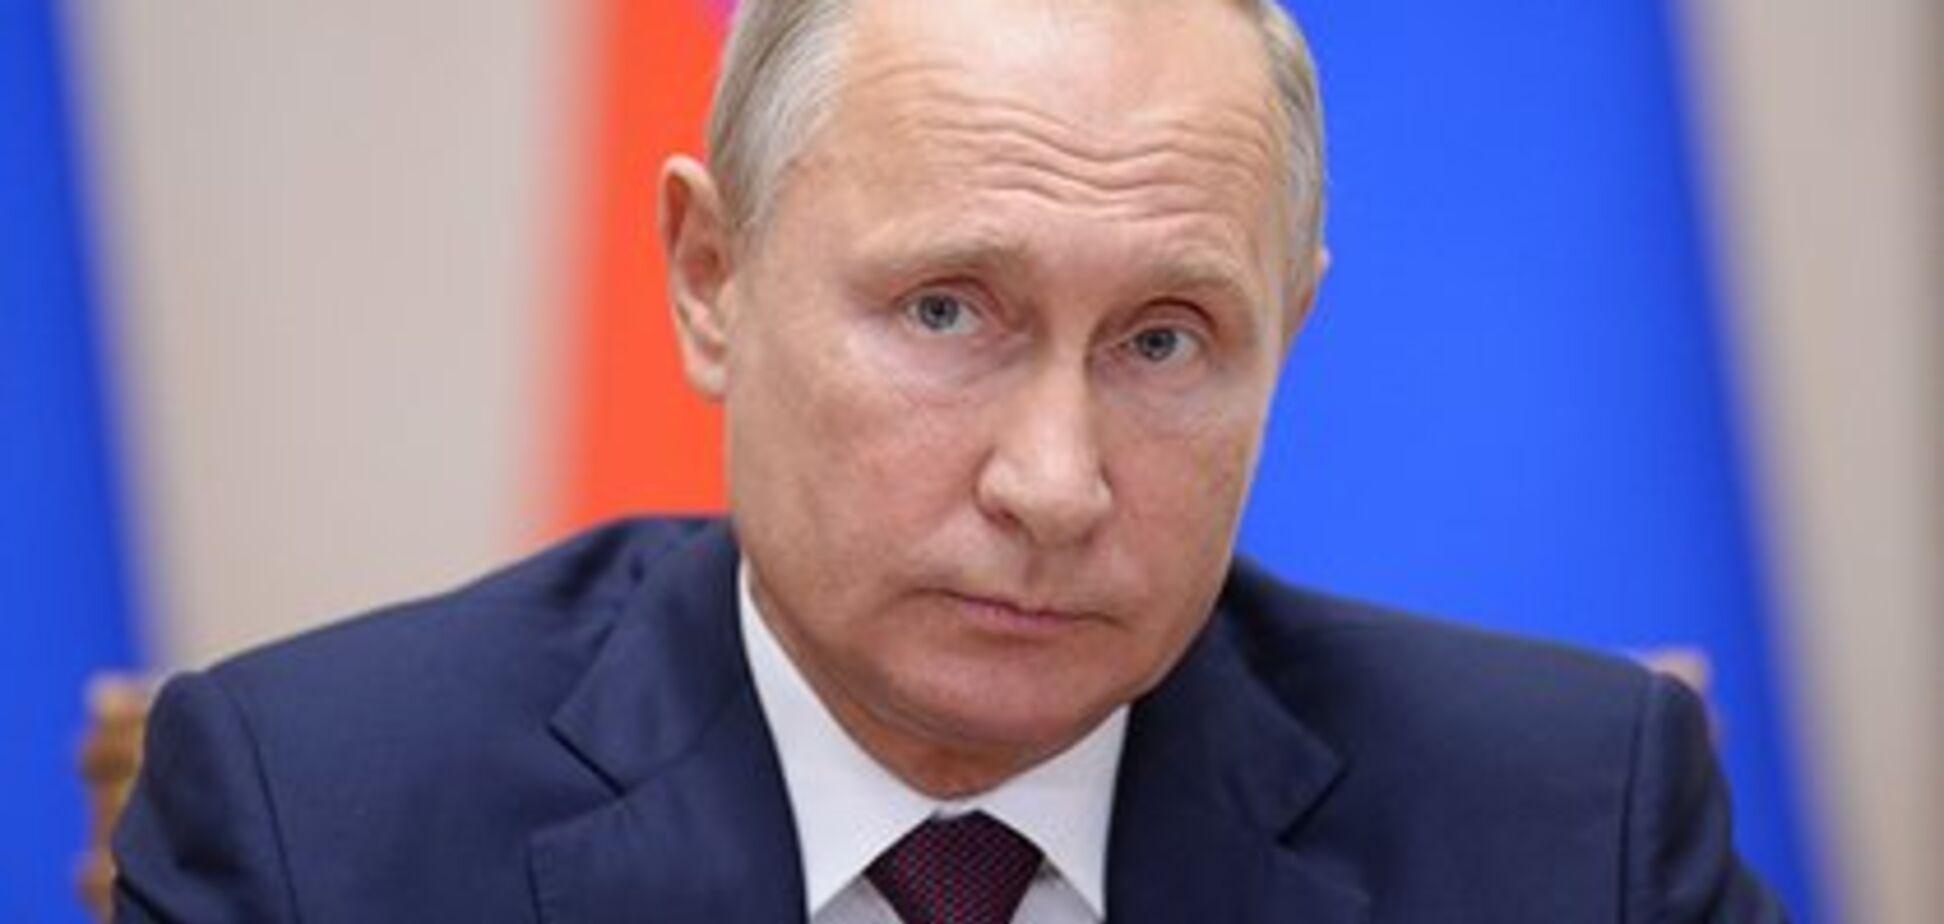 ''Я псих, держите меня семеро'': россиянин высмеял планы РФ воевать с США